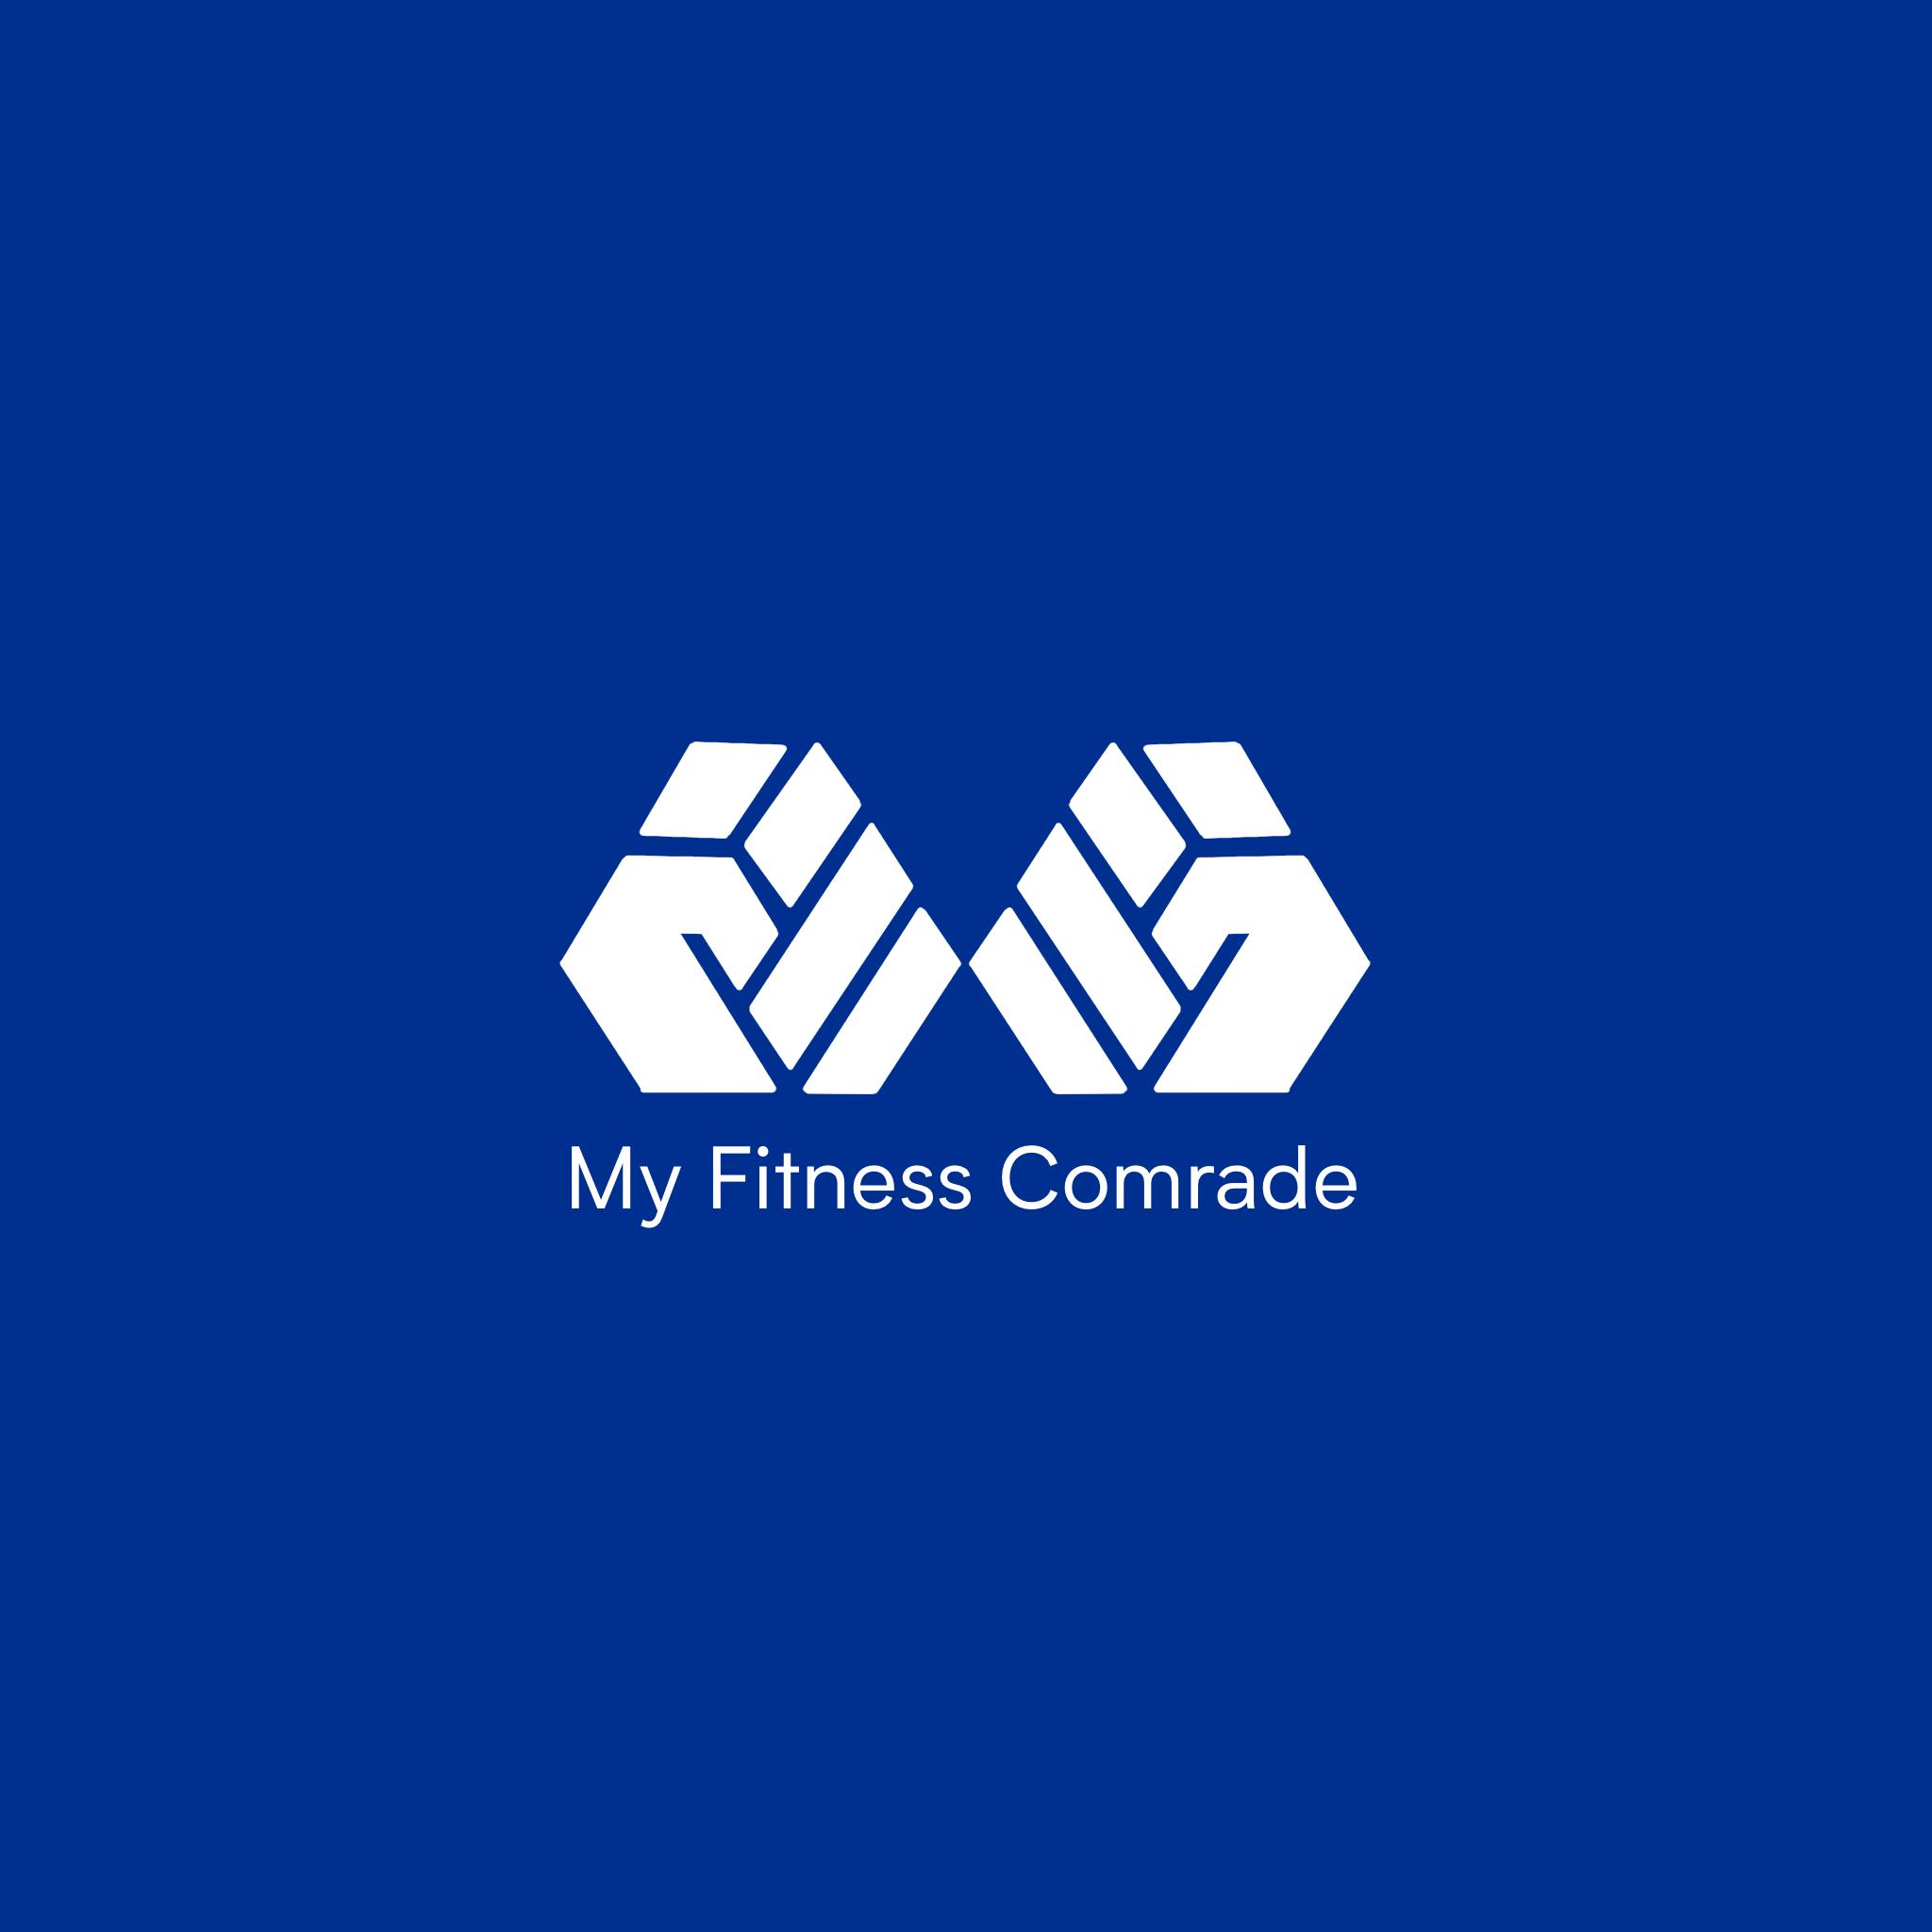 MyFitnessComrade